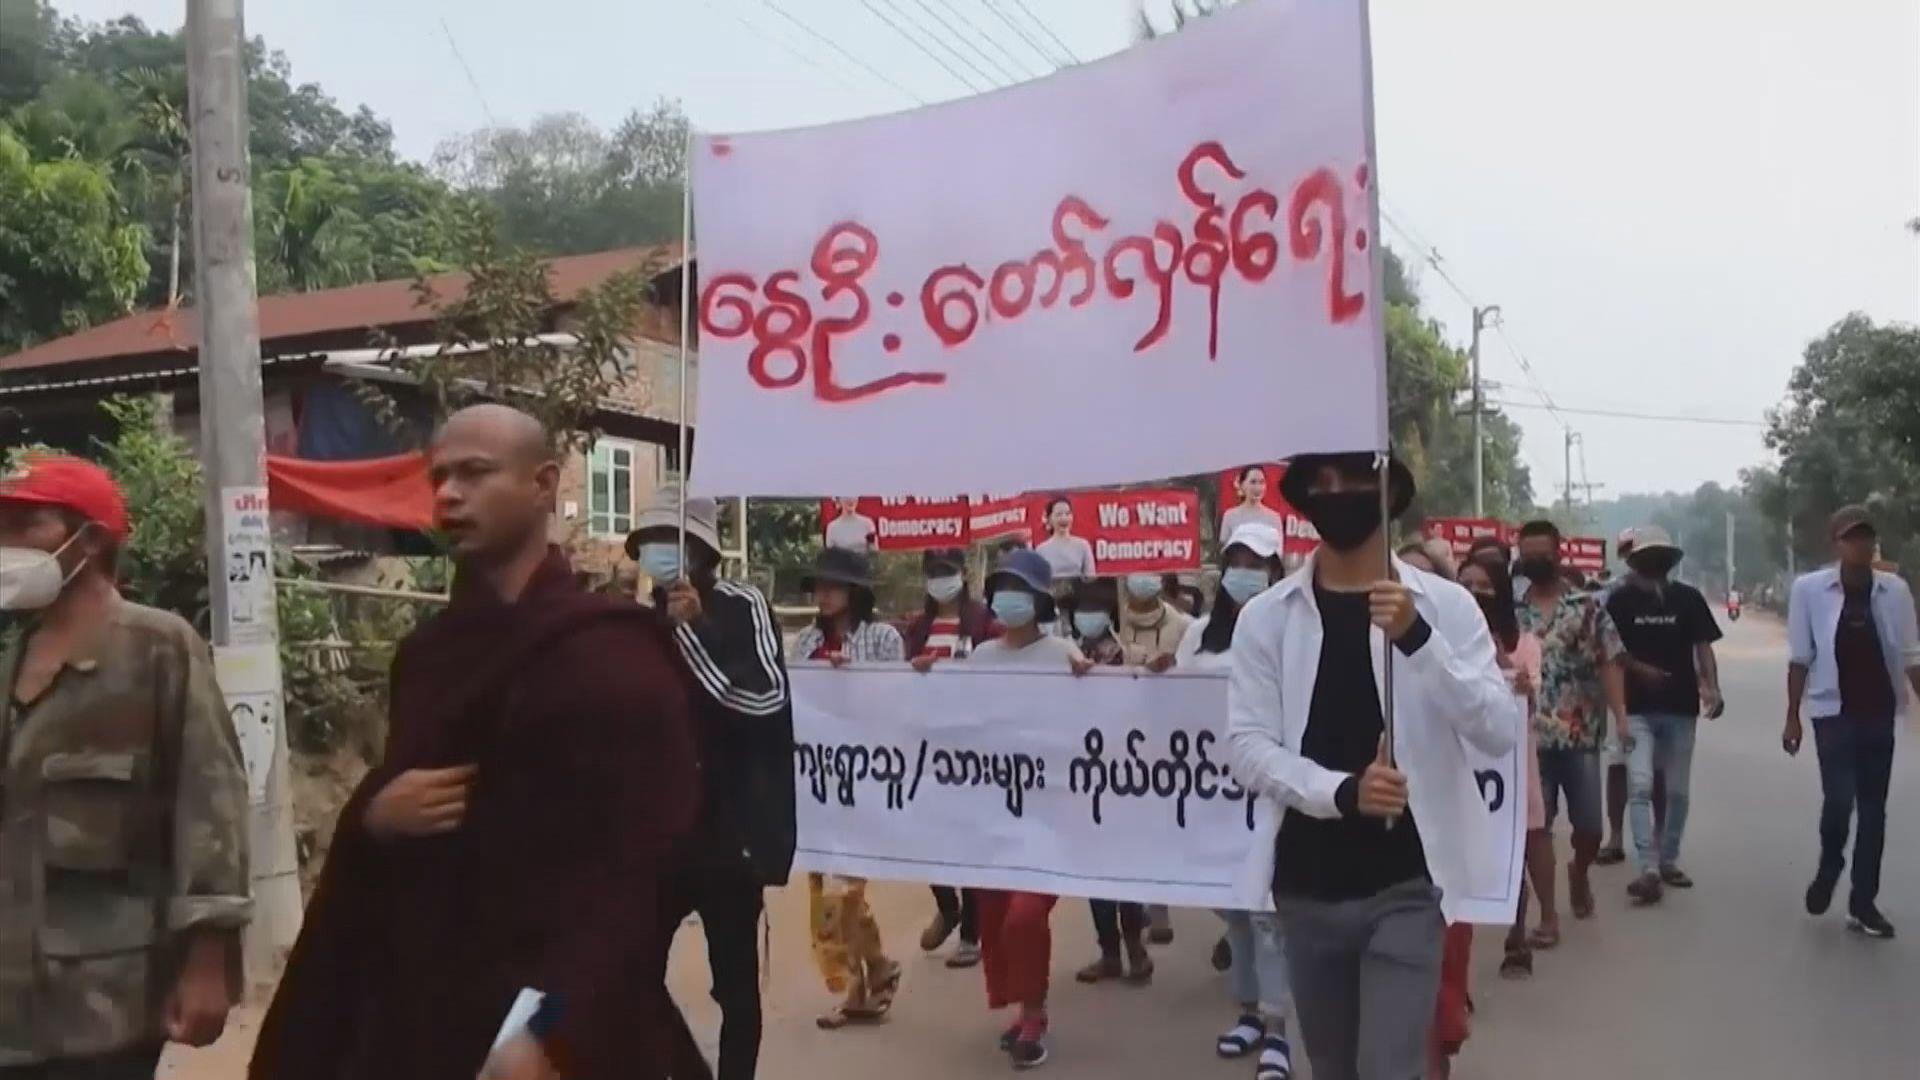 緬甸反政變少數族裔武裝組織指受軍方威脅 促國際提供人道救援